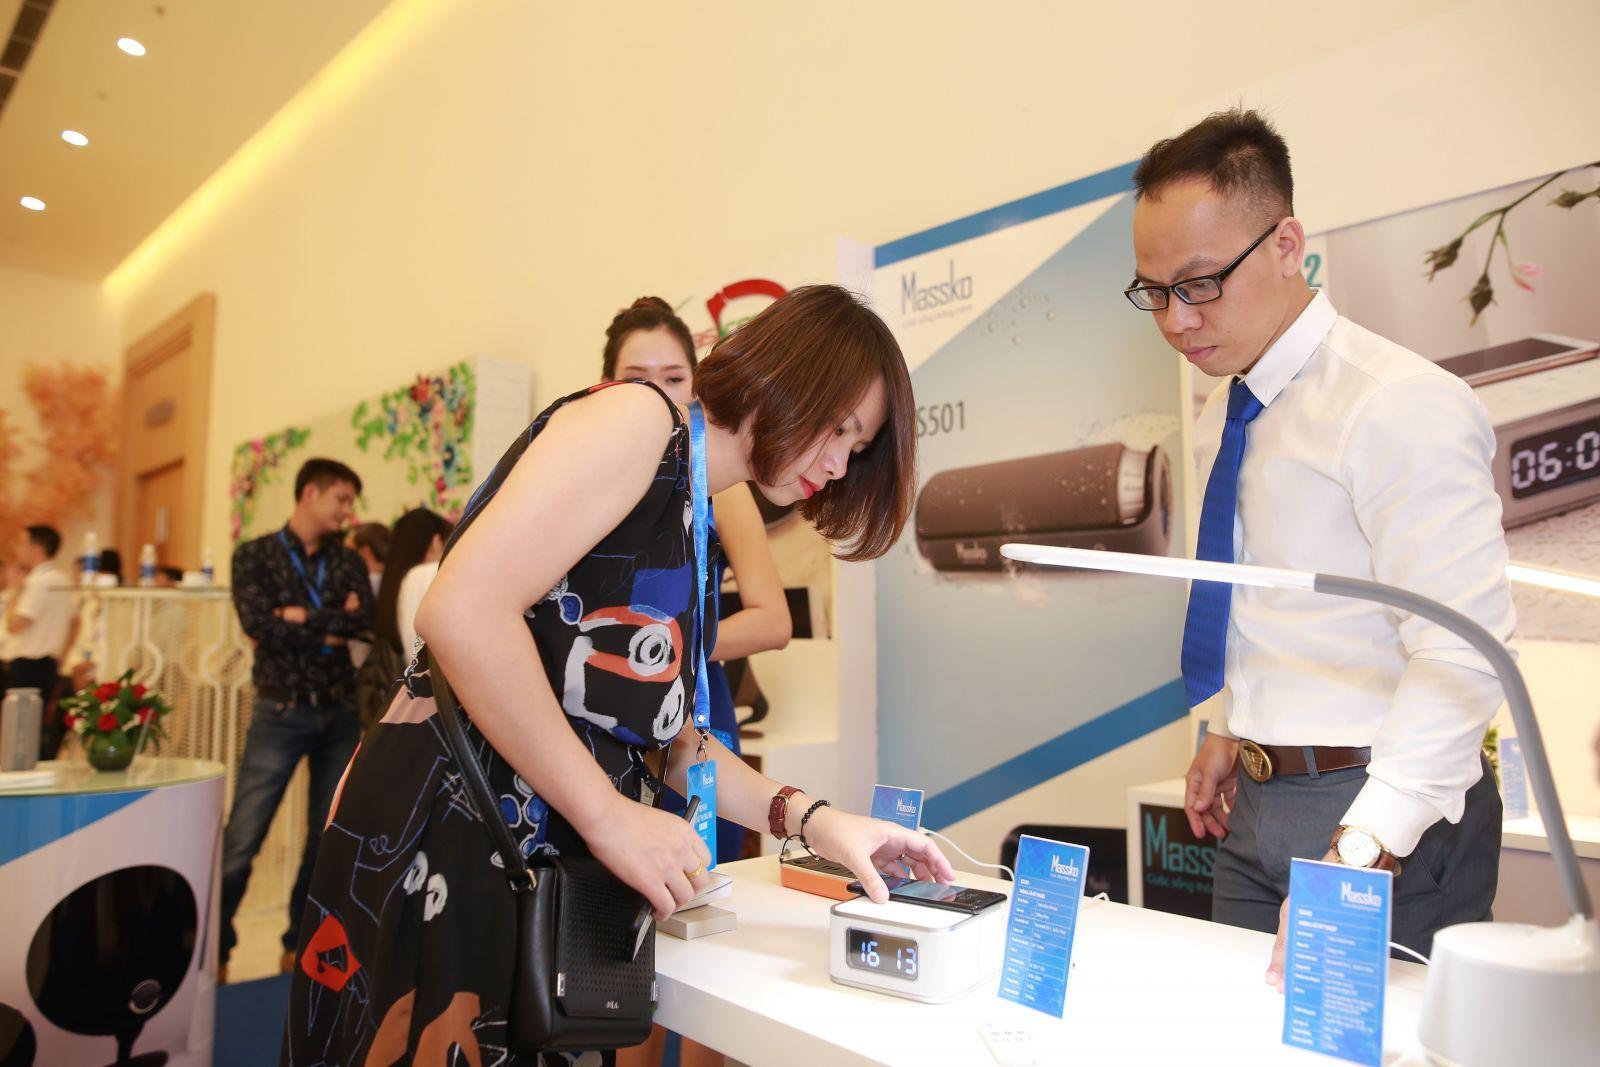 Khách hàng tìm hiểu sản phẩm tại buổi họp báo ra mắt thương hiệu Massko tại TP.HCM chiều ngày 12/4